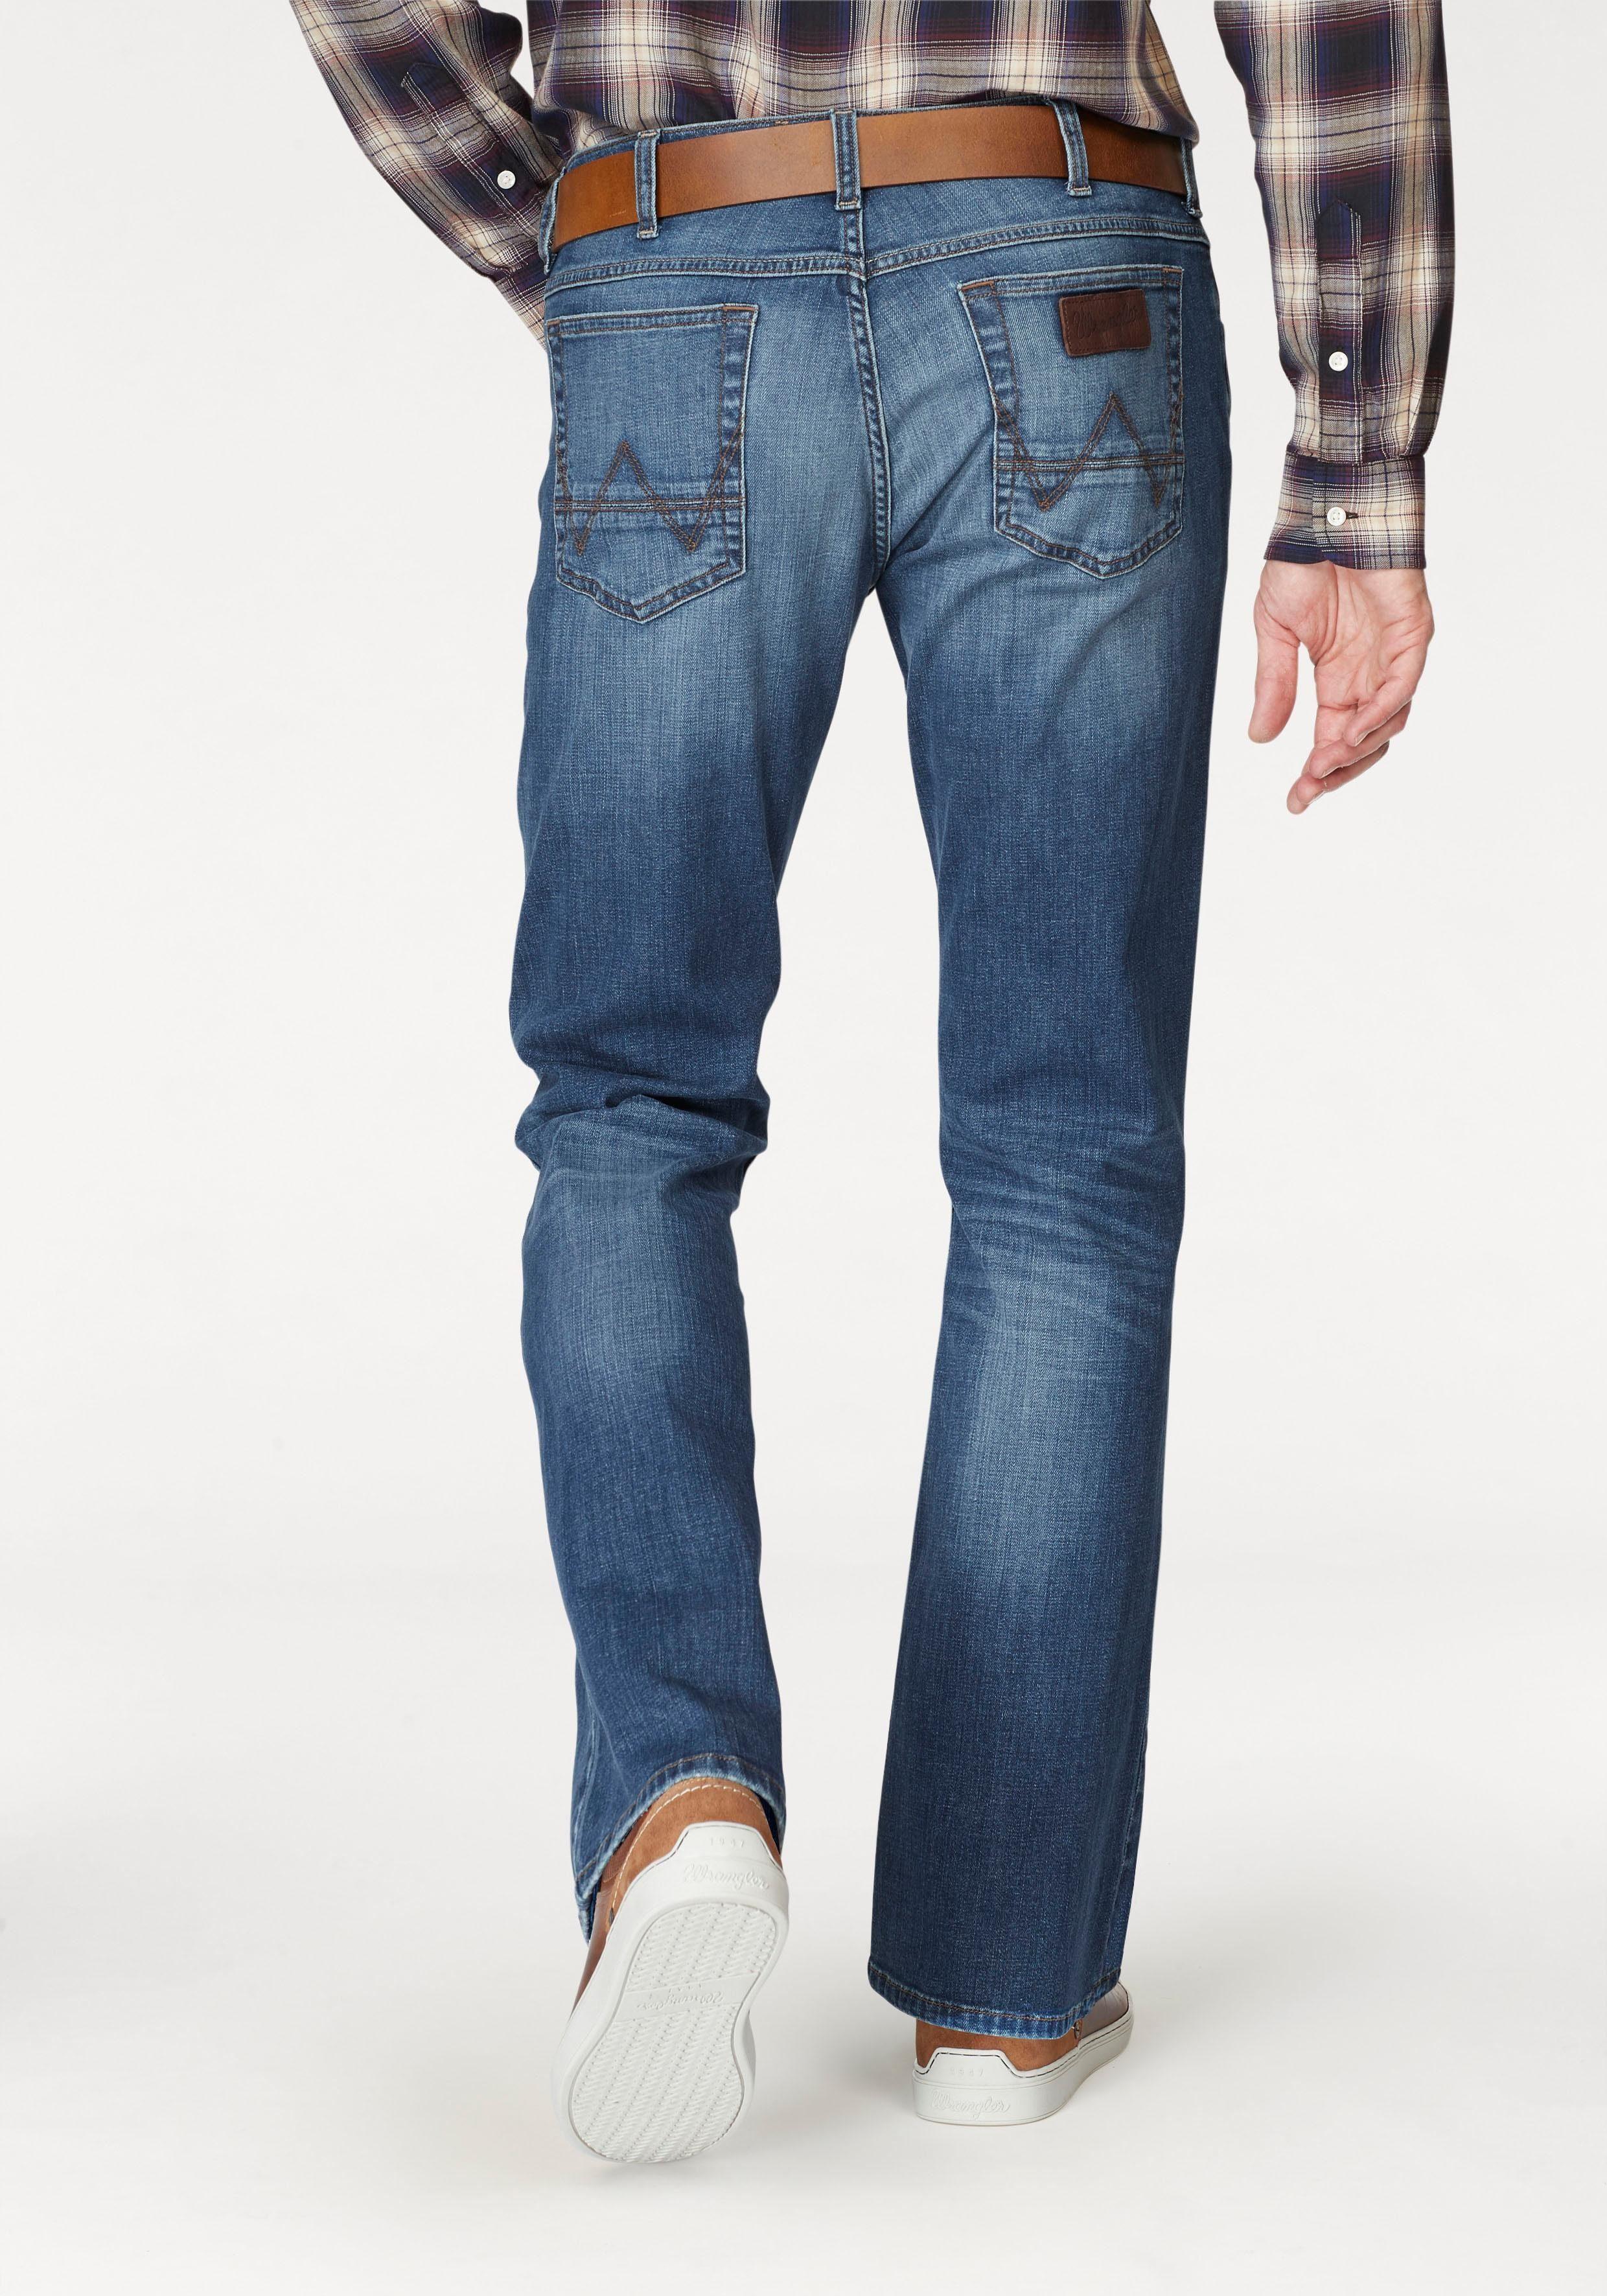 Wrangler Jacksville Heren Jeans | Kleding.nl